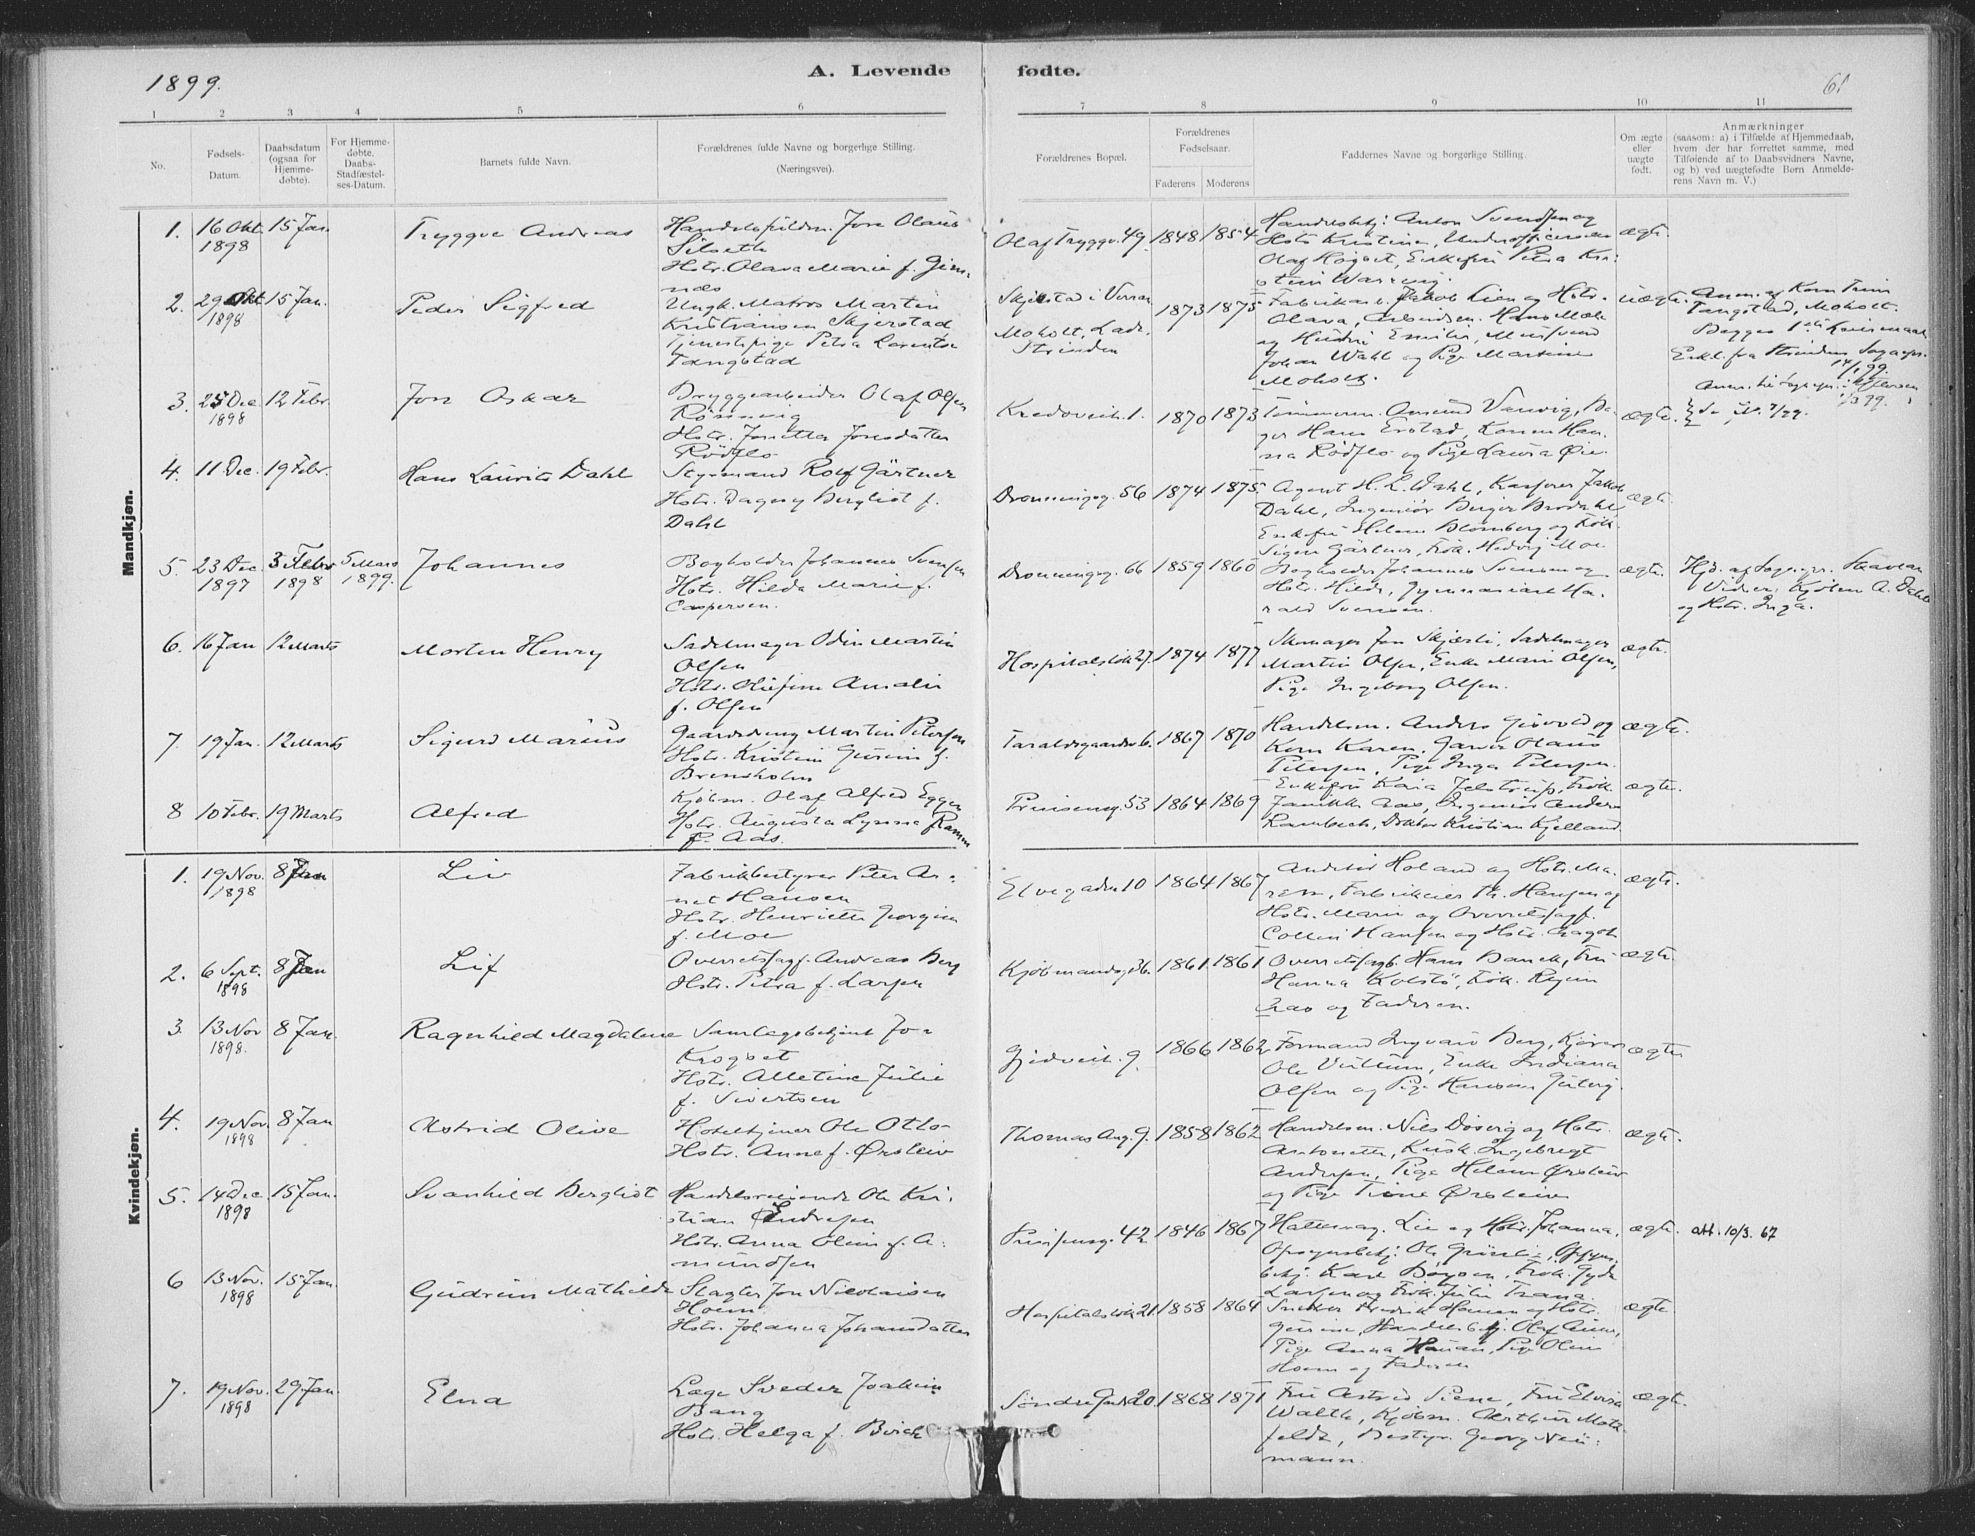 SAT, Ministerialprotokoller, klokkerbøker og fødselsregistre - Sør-Trøndelag, 602/L0122: Ministerialbok nr. 602A20, 1892-1908, s. 61